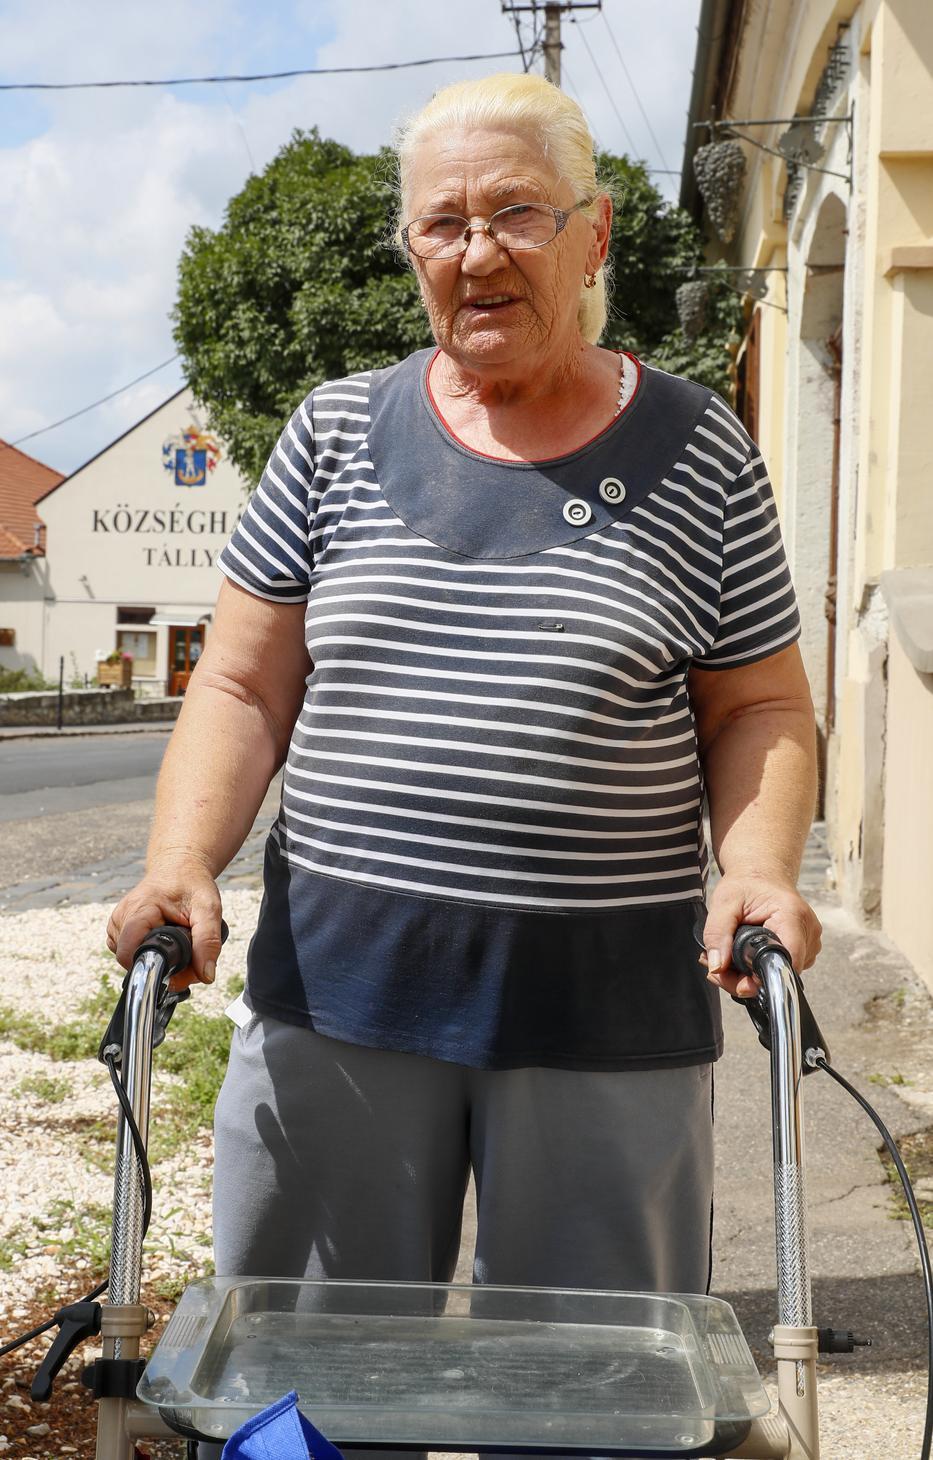 Marika néni sajnálja, hogy ilyen áron ismerte meg a falu nevét az egész ország./ Fotó: Fuszek Gábor